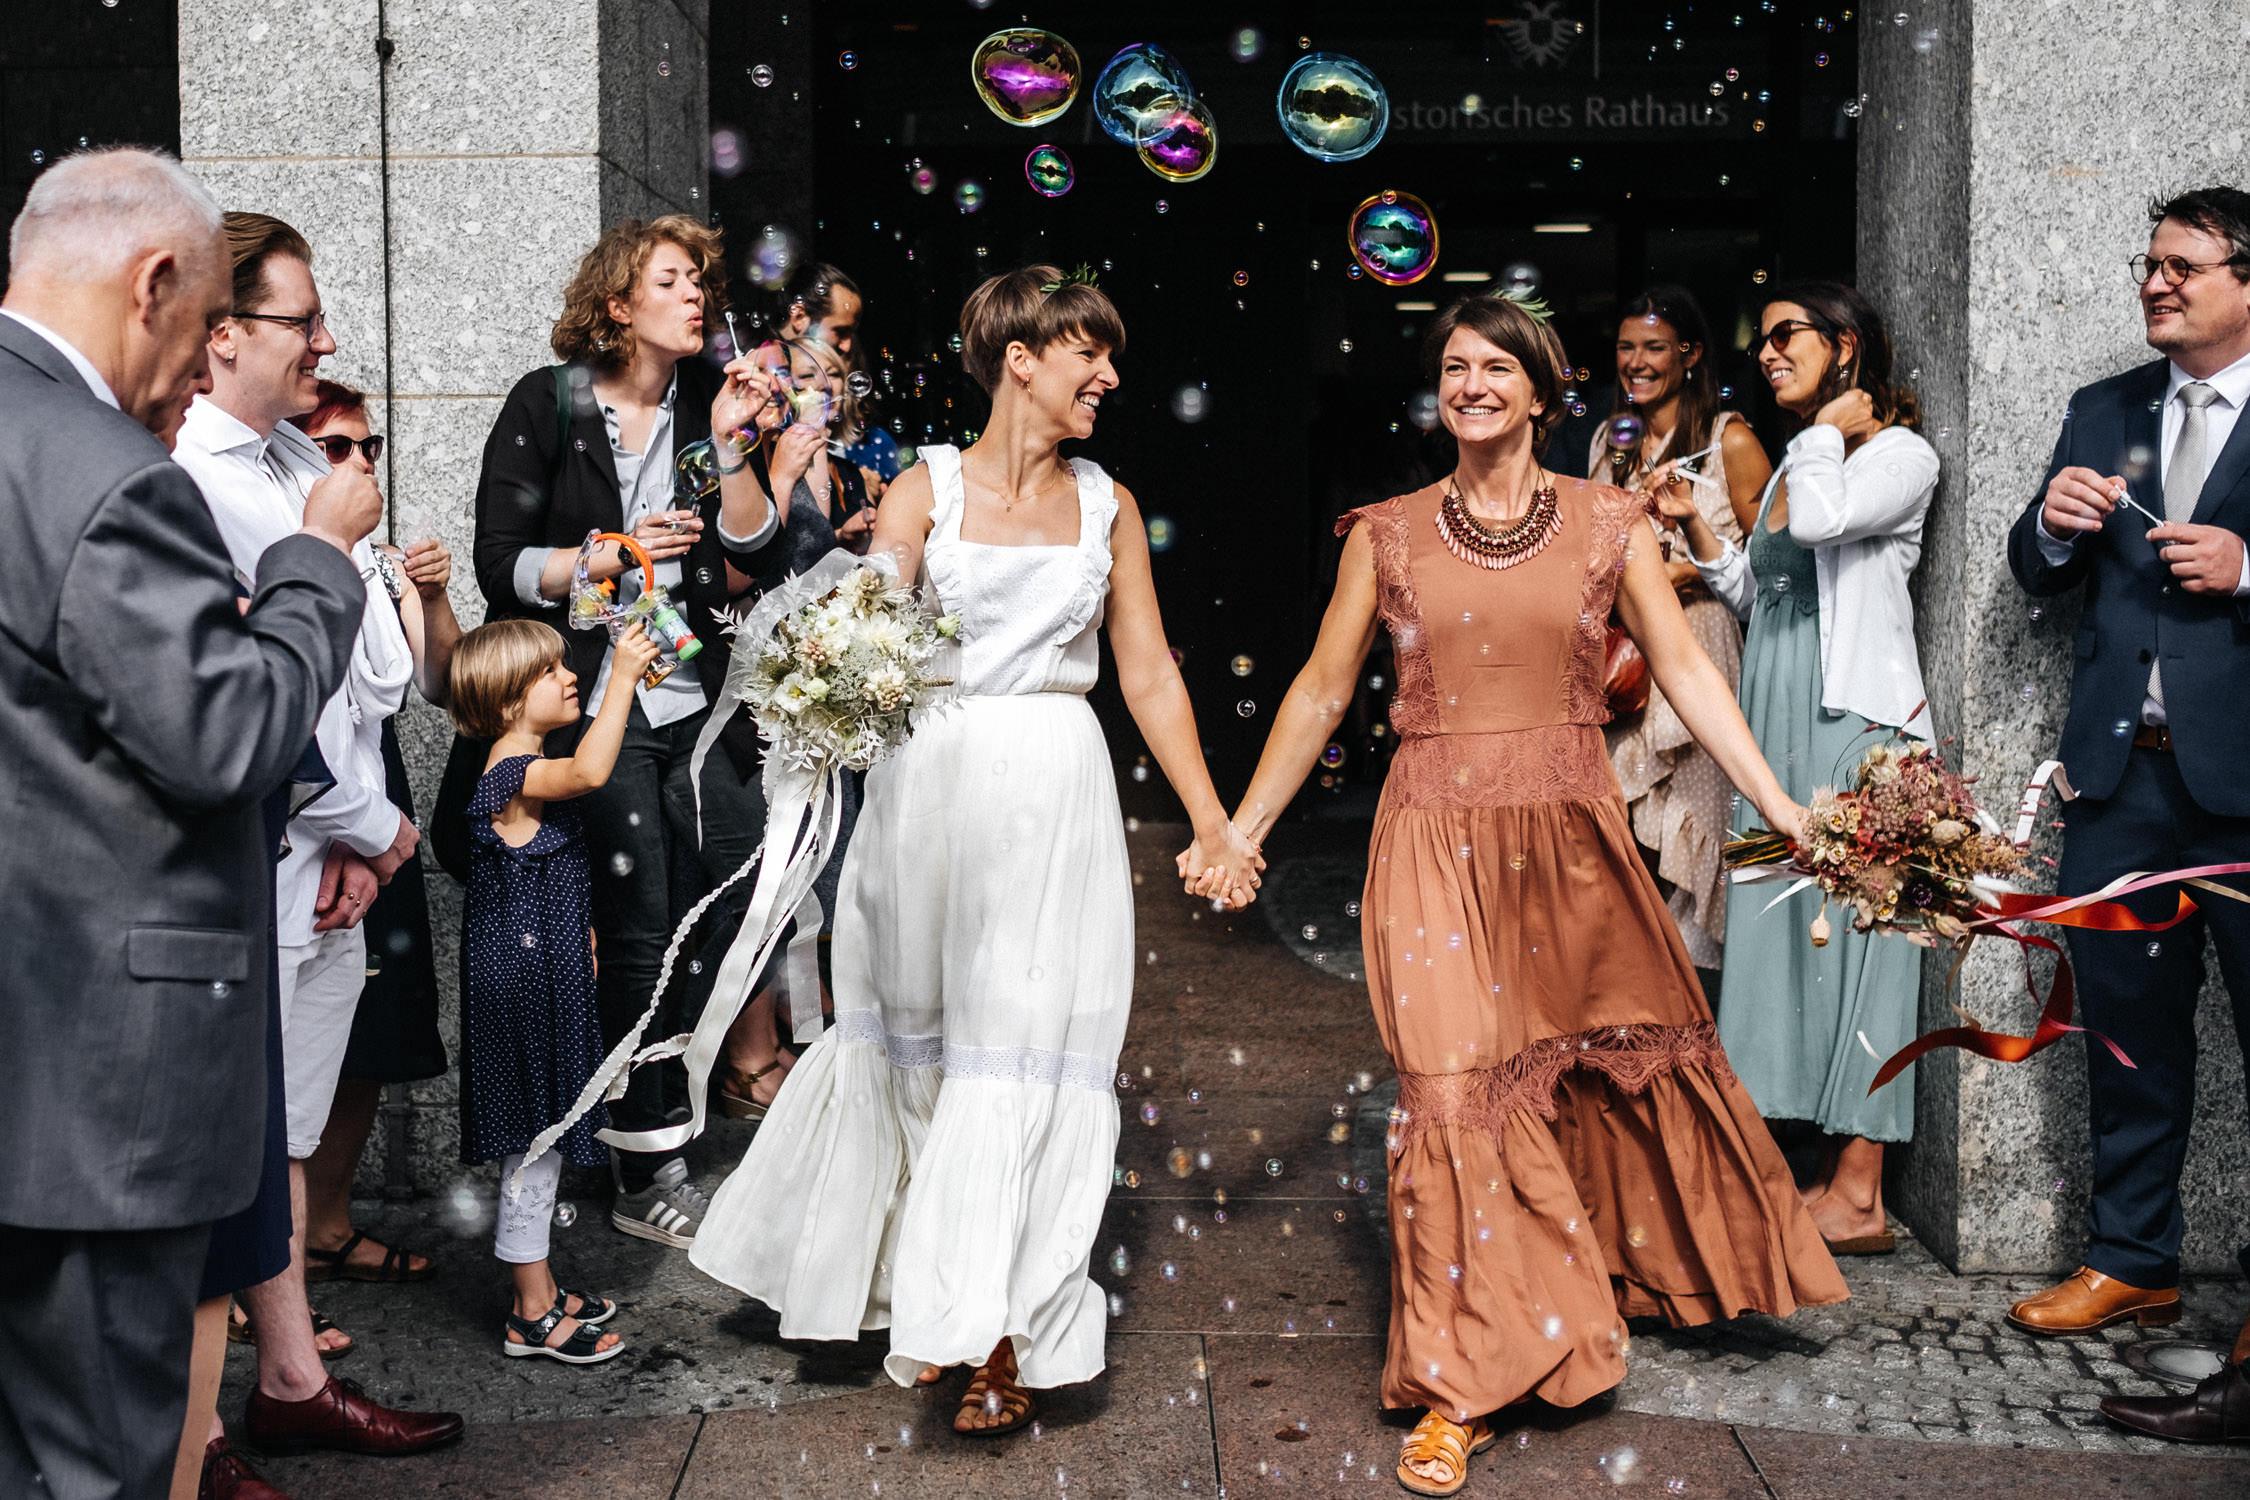 Hochzeitsfotograf-Koeln-Standesamt-Lesbisches-Paar-Boho